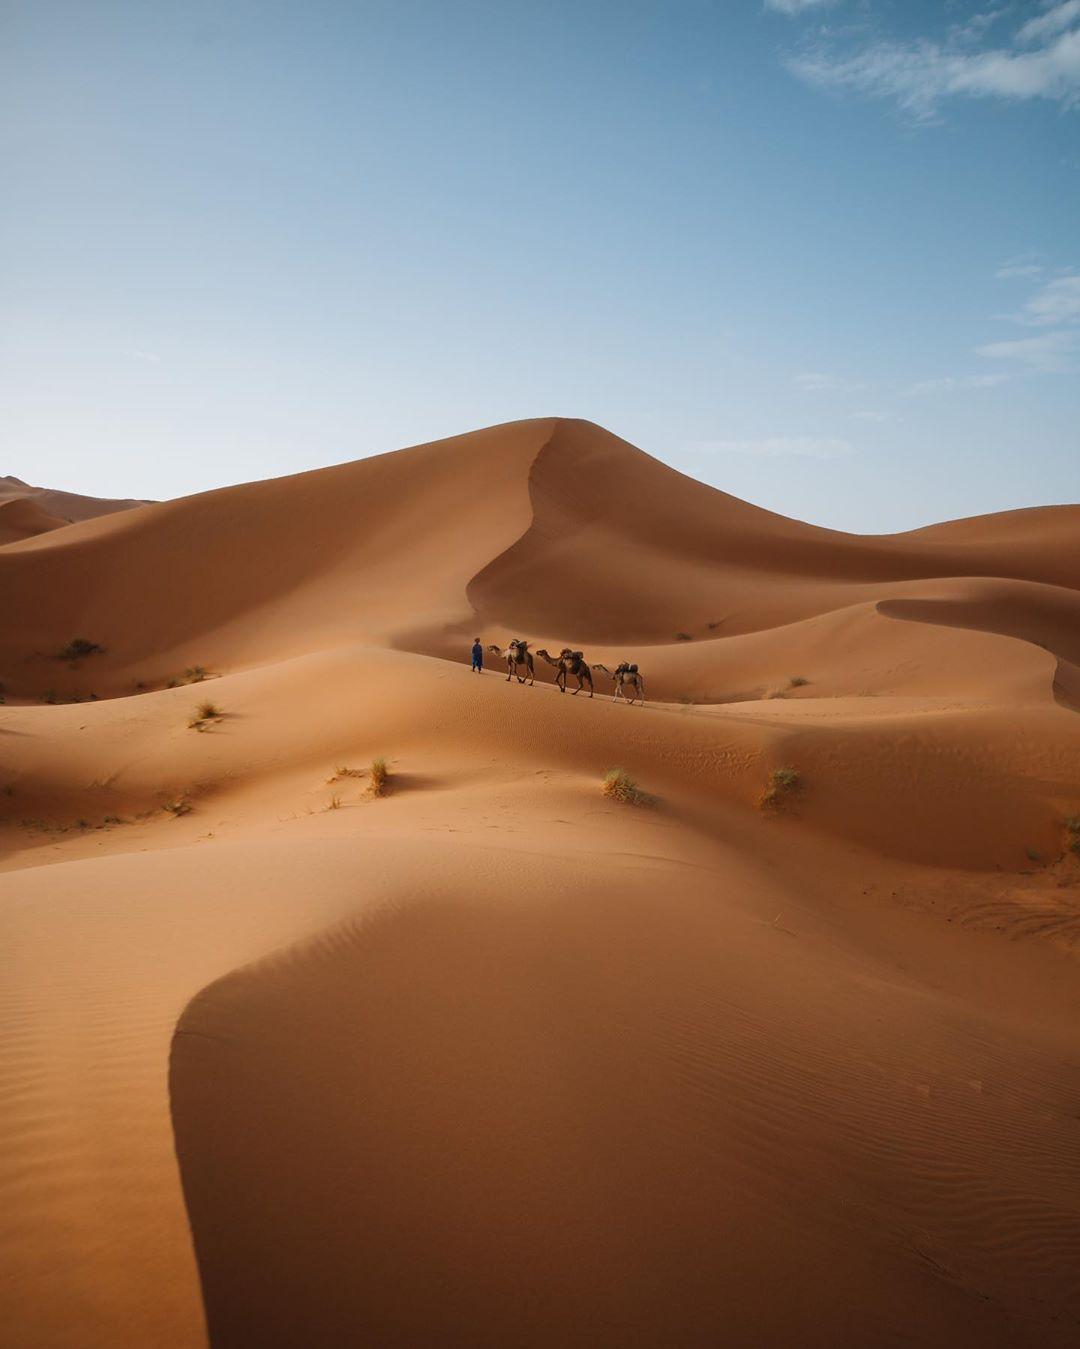 Пейзажи и путешествия на снимках Коди Дрю Дункана